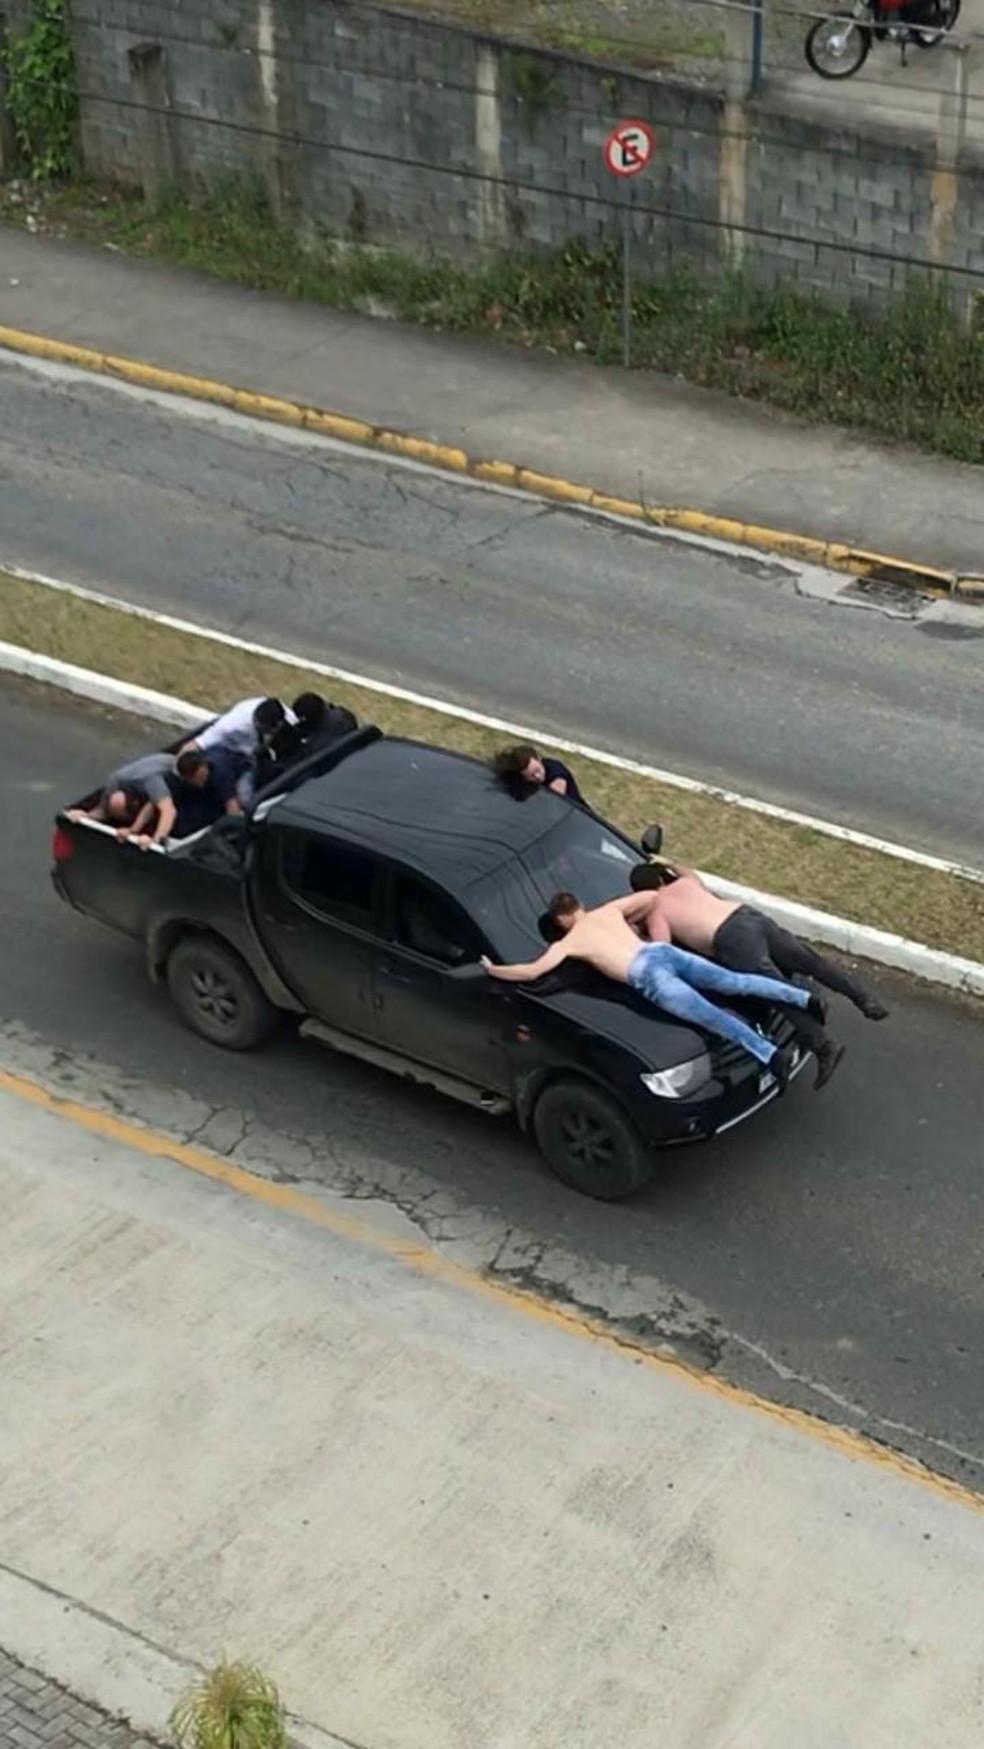 Reféns sobre o capô da caminhonete utilizada na fuga dos criminosos  — Foto: Reprodução/ NSC TV